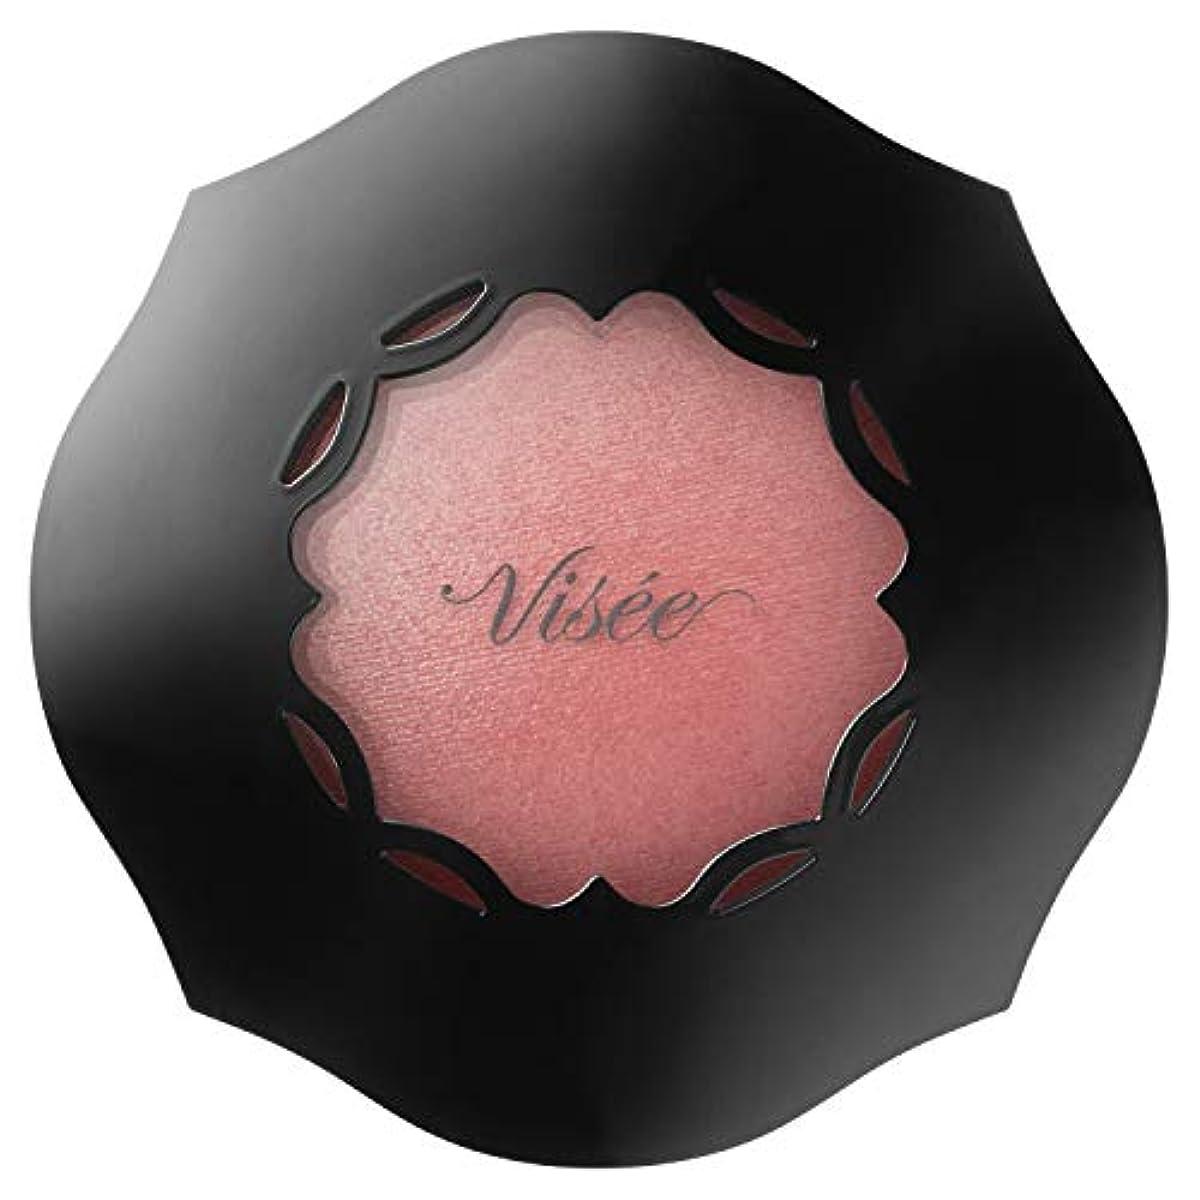 虎差し控える膜Visee(ヴィセ) フォギーオンチークス N BE821 アプリコットベージュ 5g